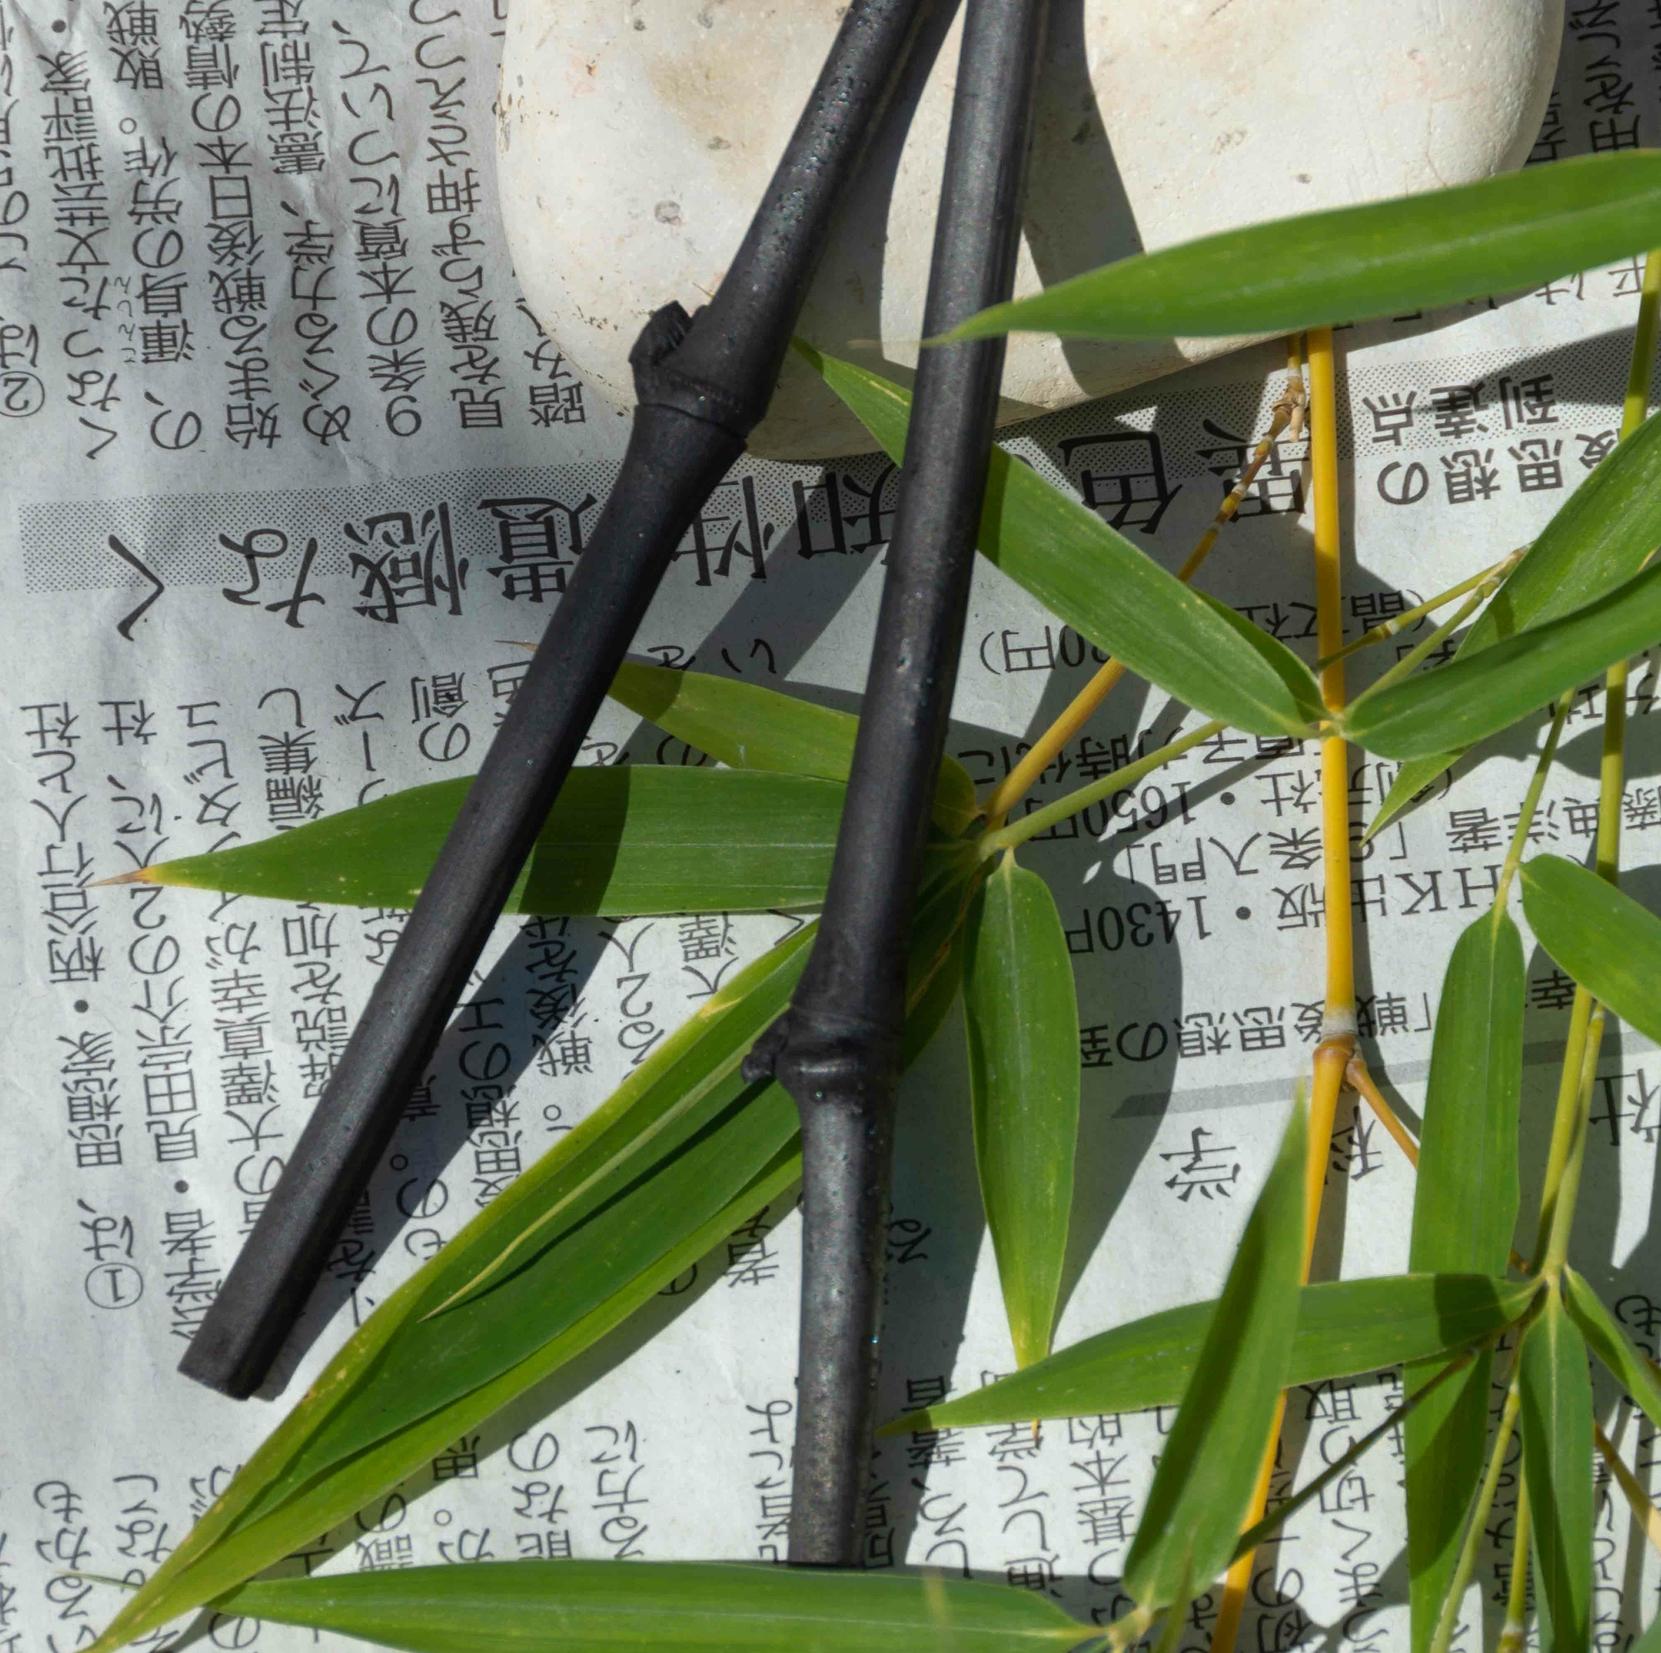 Charbon végétal actif de bambou - 2 brindilles - 1 an de purification d\'eau